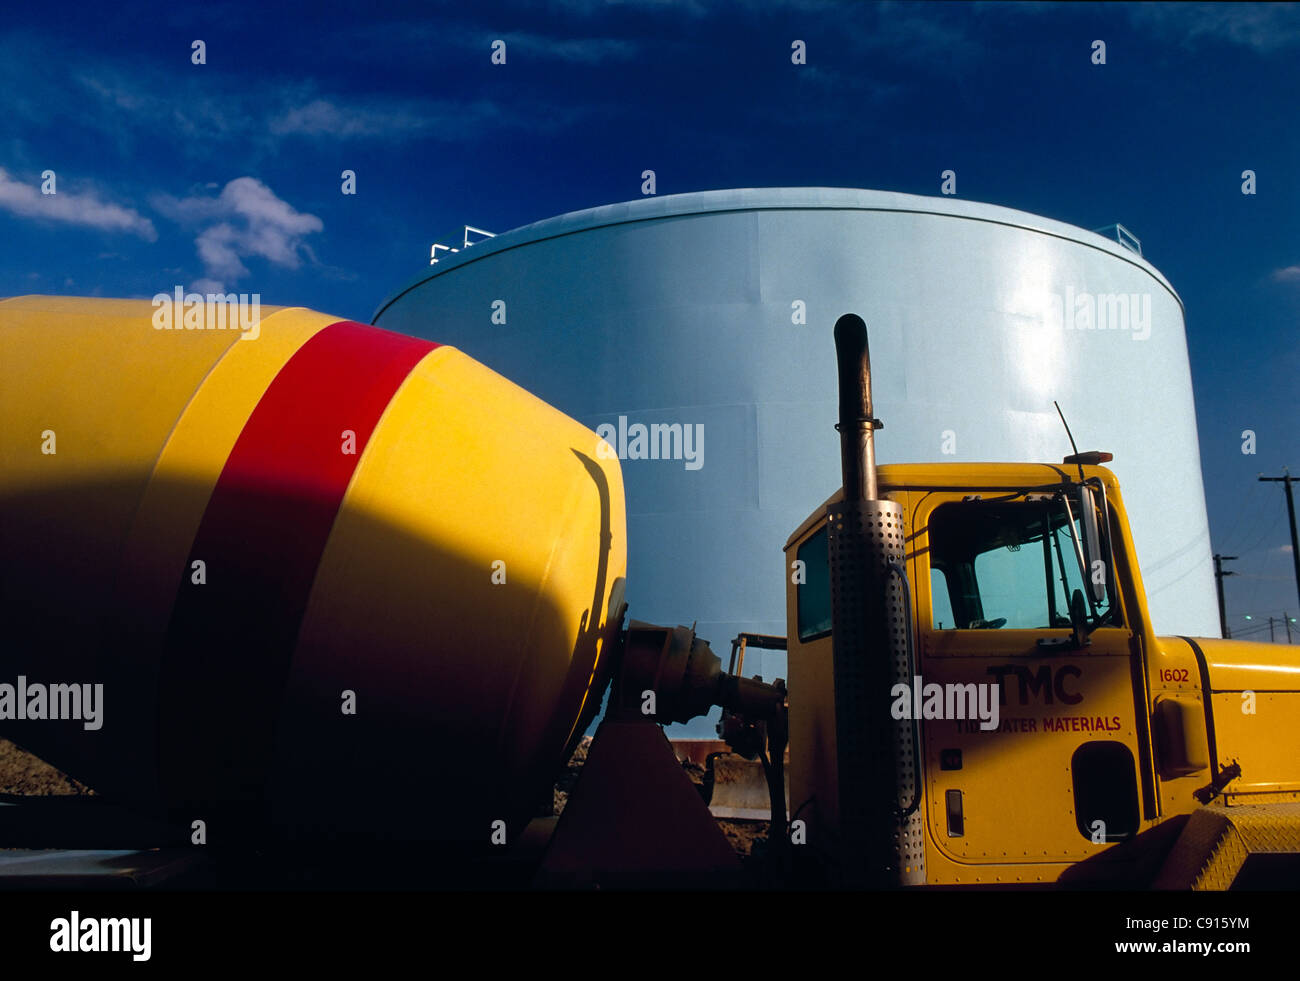 Giallo carrello di cemento sul sito della costruzione di un impianto di trattamento delle acque, Hopewell, Virginia, Immagini Stock